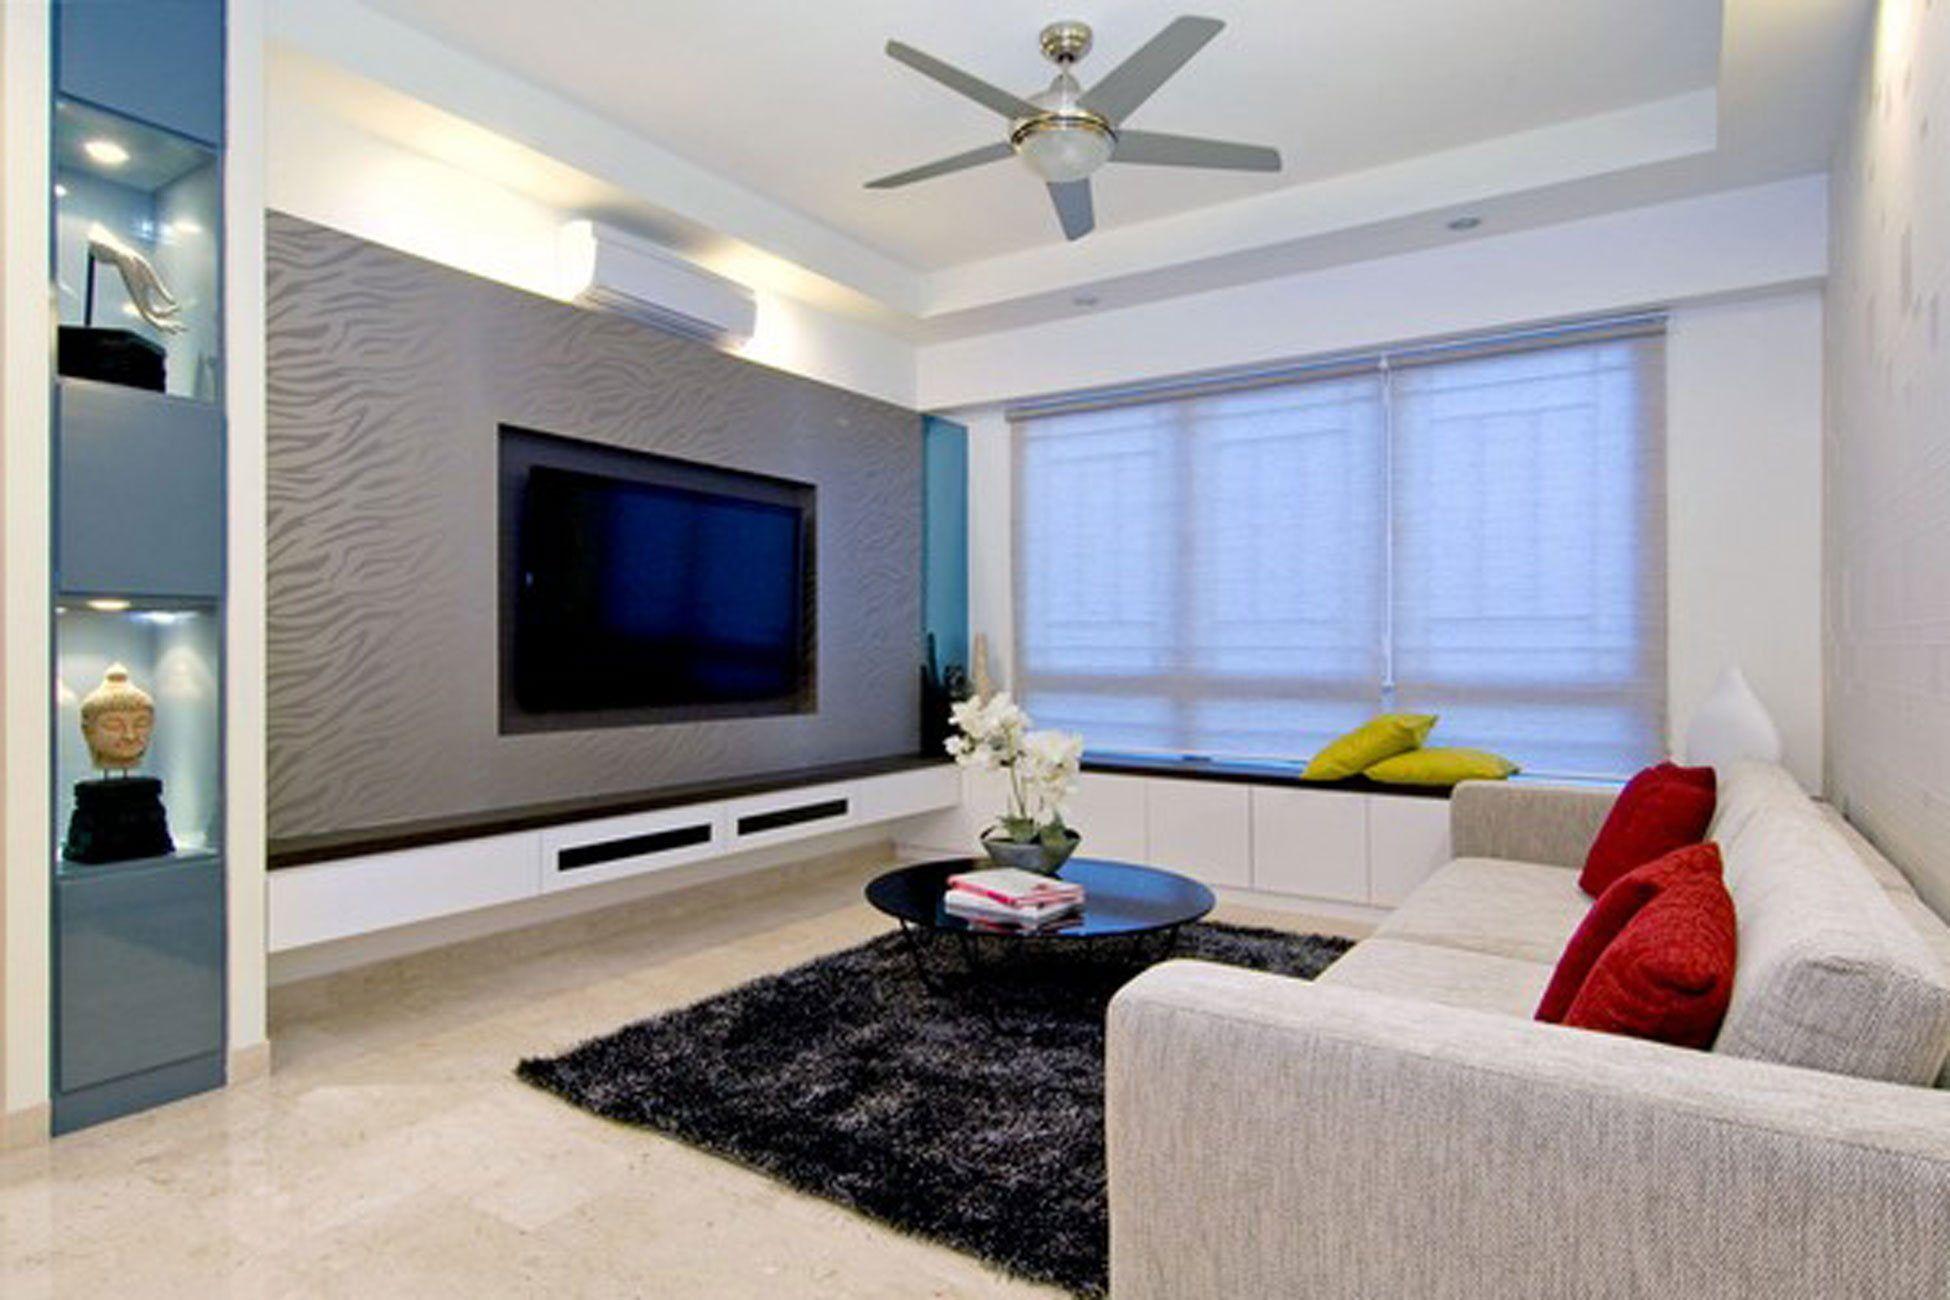 132 Apartment Condo Design Home House Interior Room 1